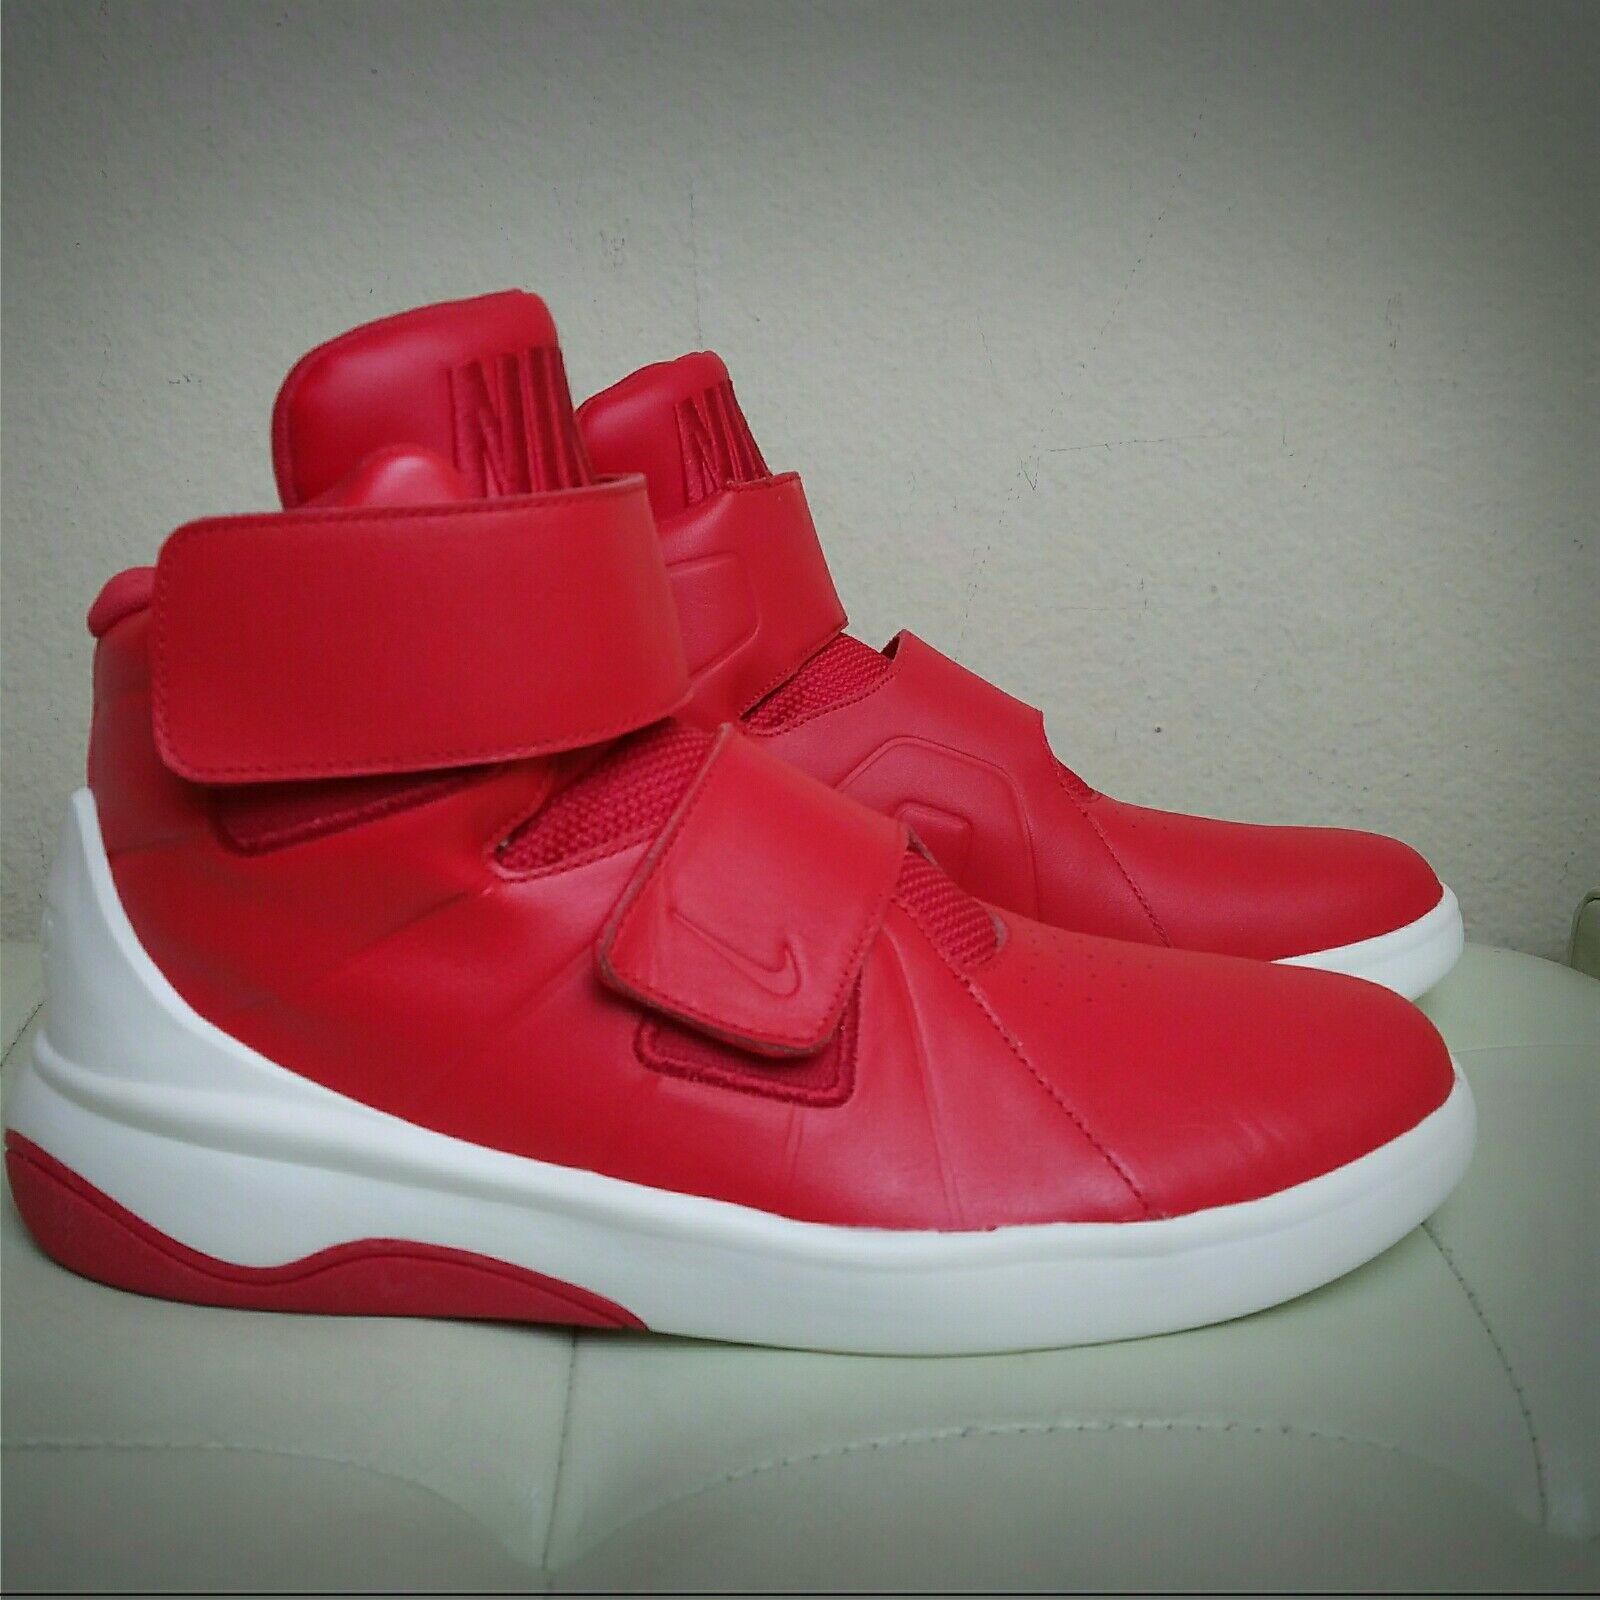 Nike Hombre zapatos de de baloncesto de de la Universidad marxista Rojo 832764 600 comodo el modelo mas vendido de la marca 24c257